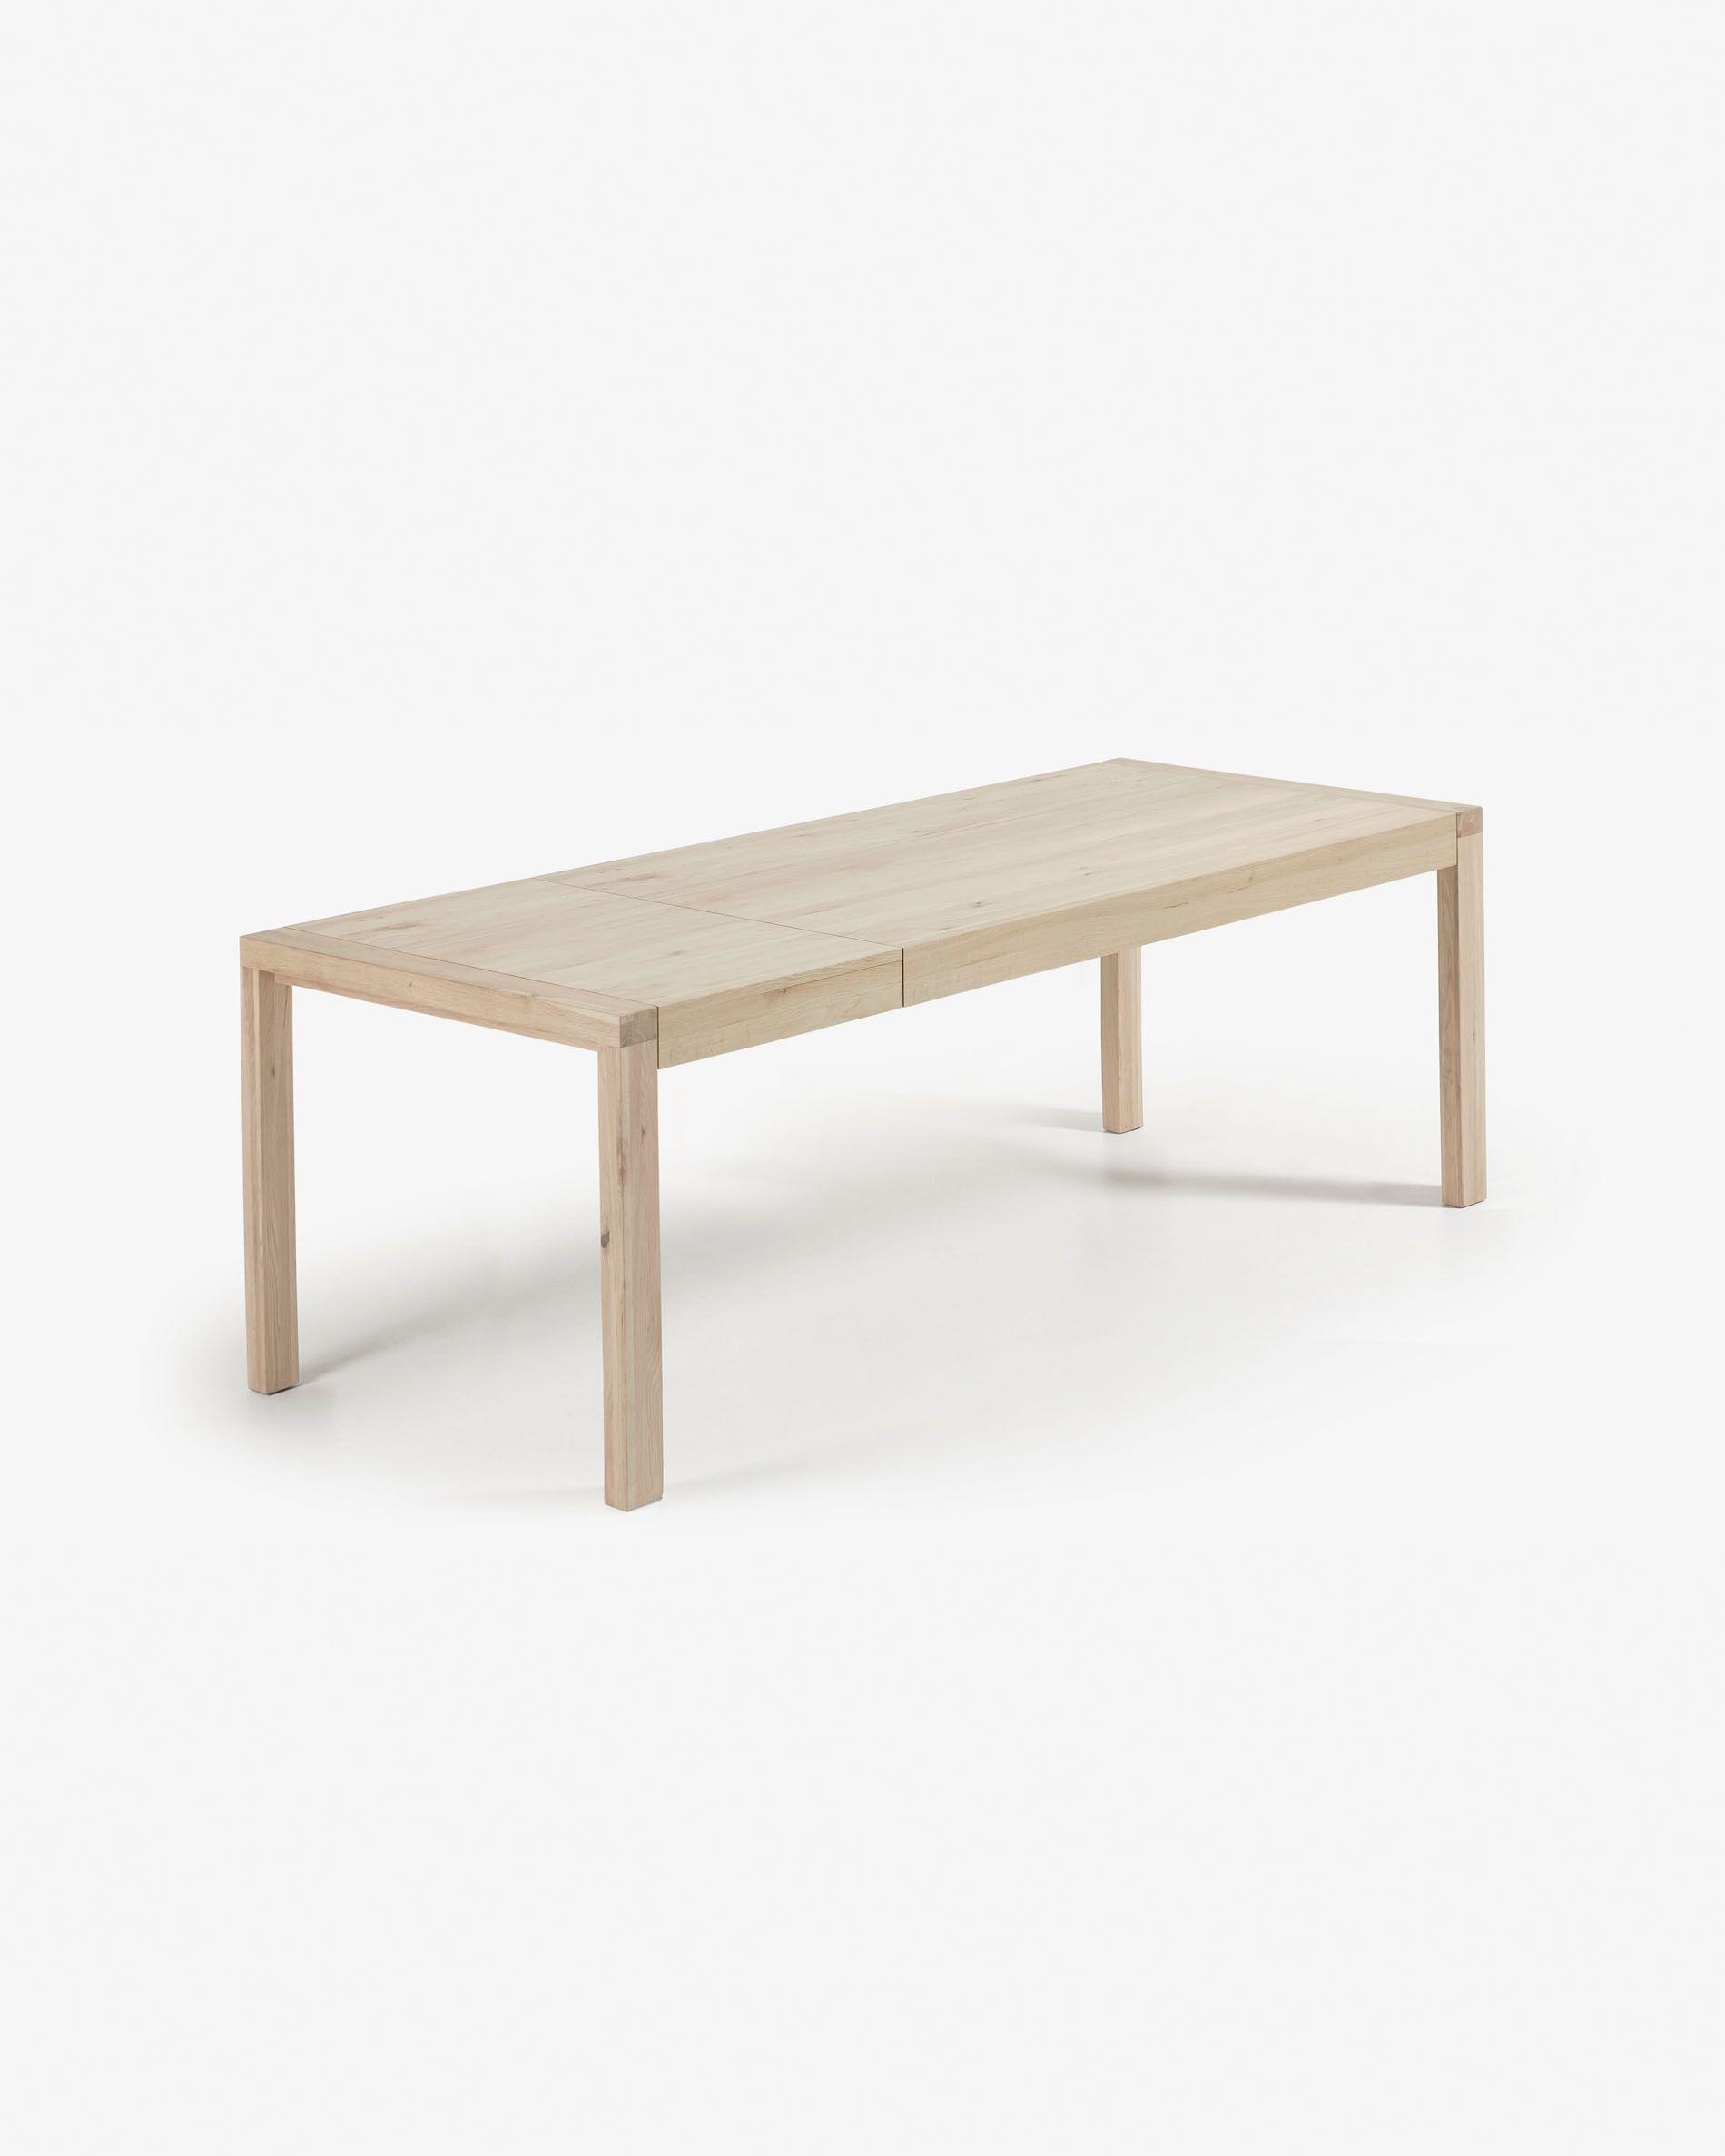 Table Exterieur 4 Personnes Génial Table Extensible Briva